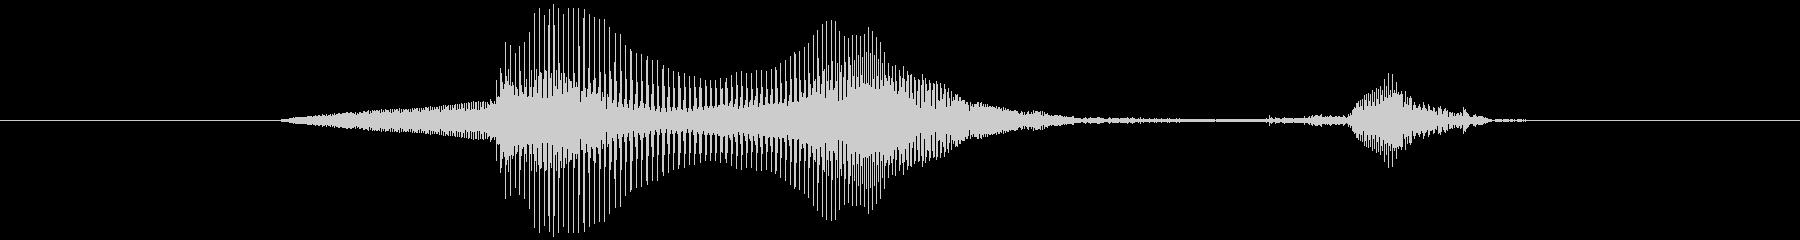 ナイス!の未再生の波形